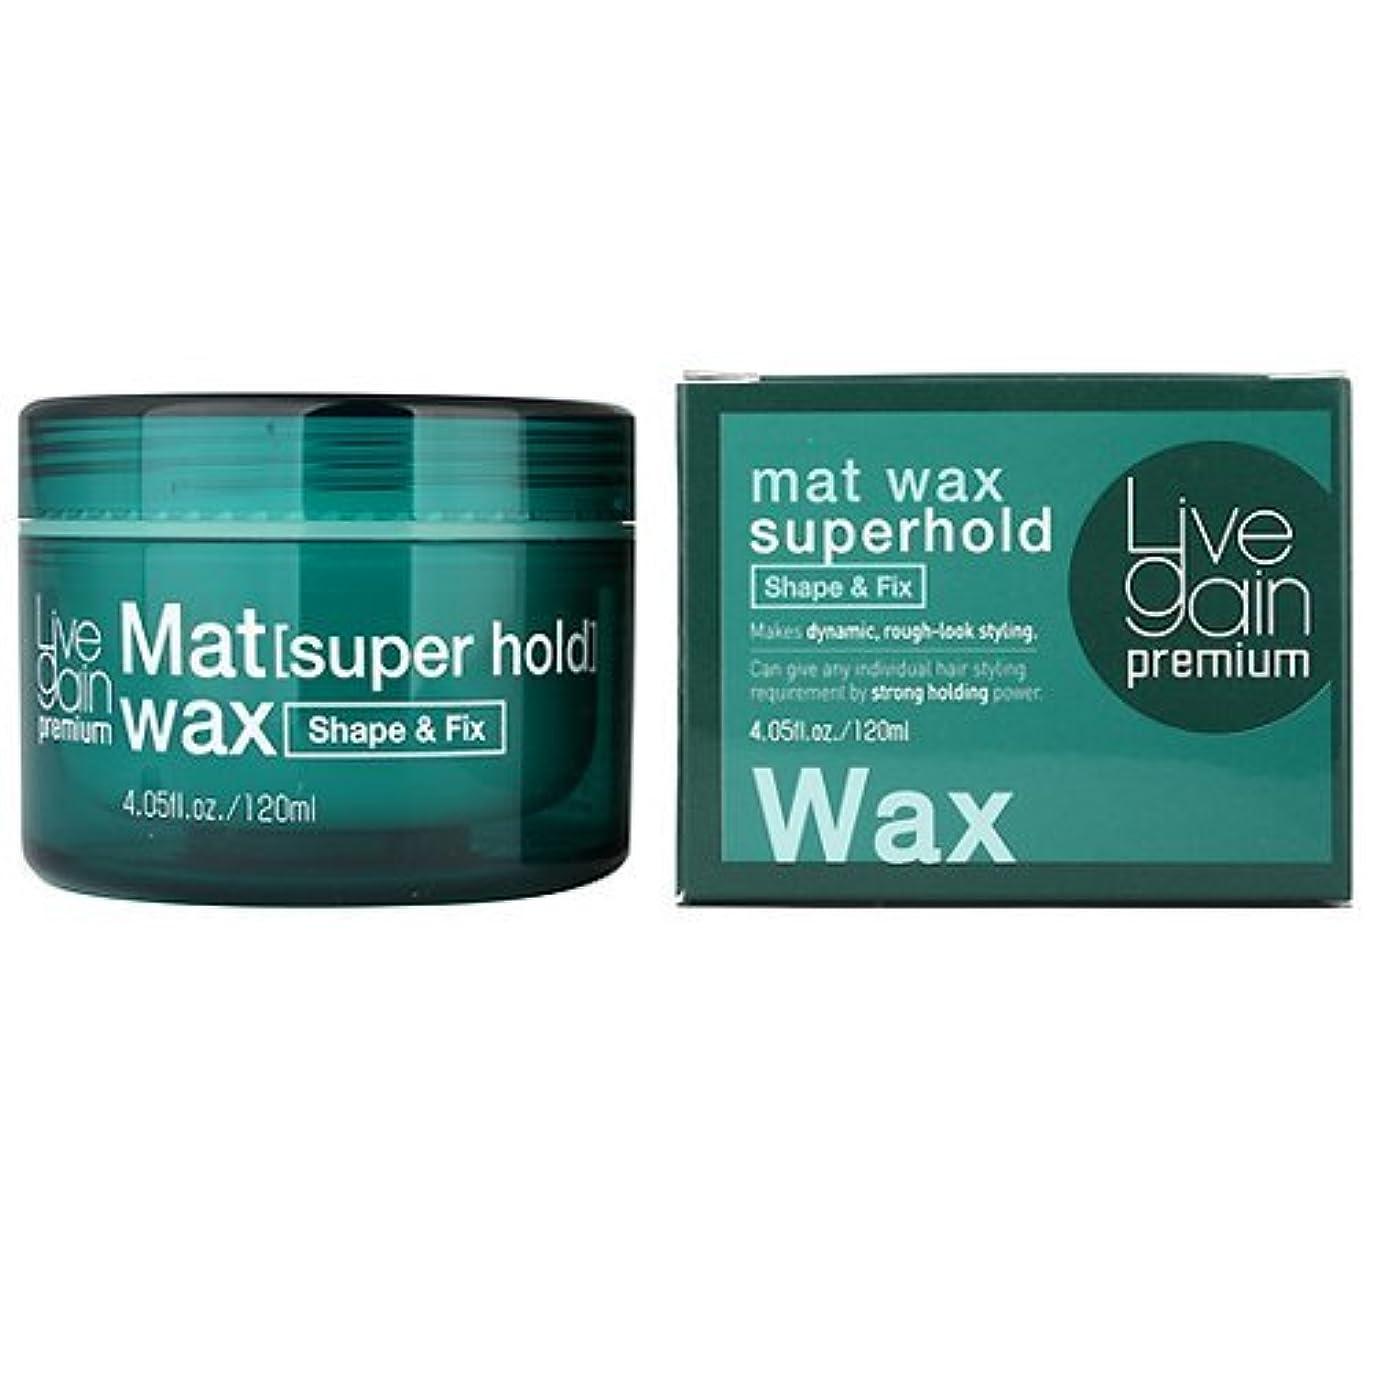 構造アンデス山脈リクルートLivegain プレミアム マット ワックス スーパーホールド 120ml マット ヘア ワックス ストロング ホールド (Premium Mat Wax Superhold 120ml Matte Hair wax...